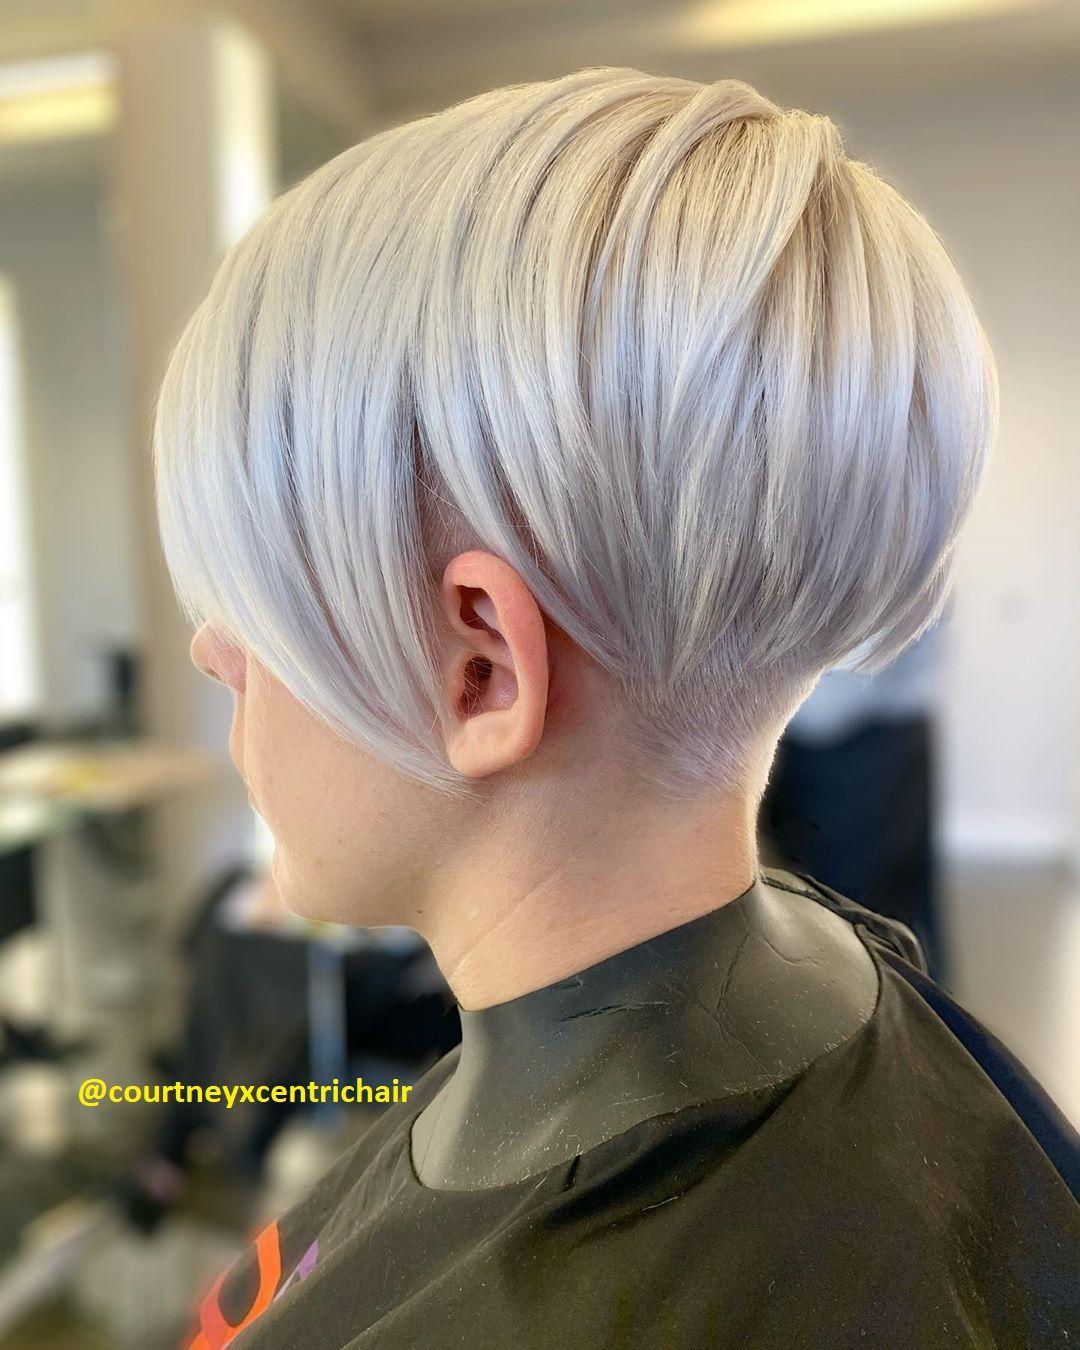 Kurze Haar Frisuren Kurzhaar Frisuren - Frisuren Stil Haar - kurze